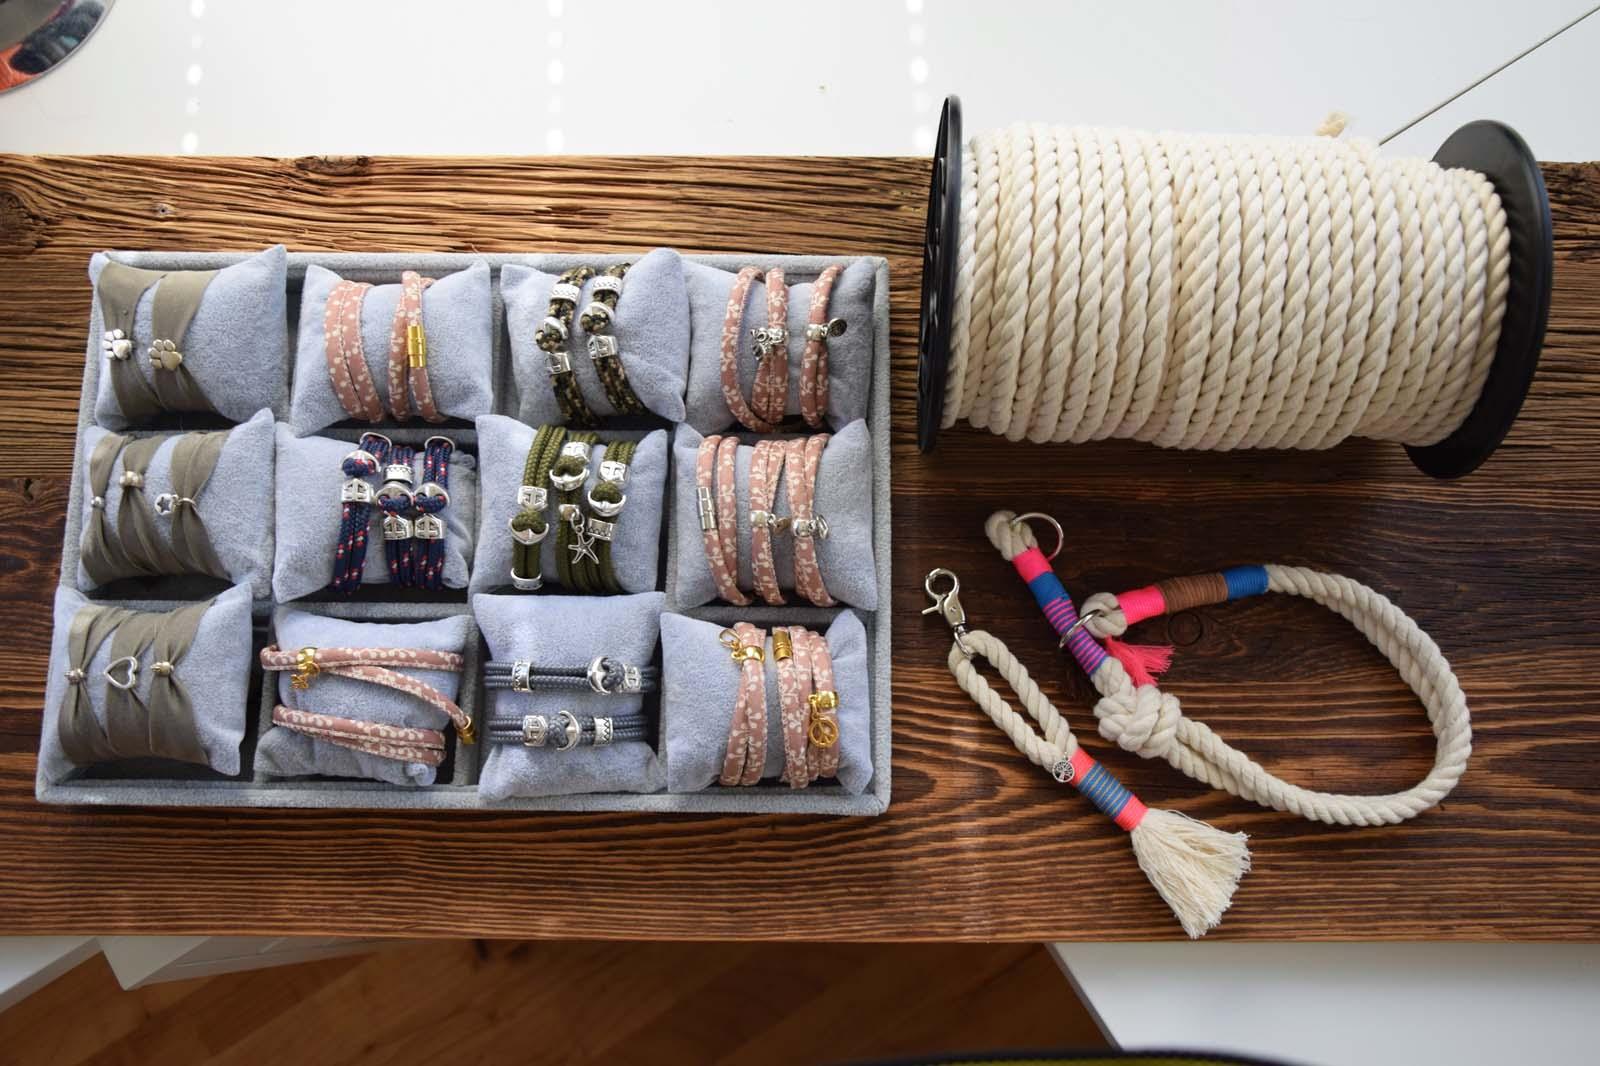 Selbstgemachte Armbänder, Händyketten, Taschen aus Eben